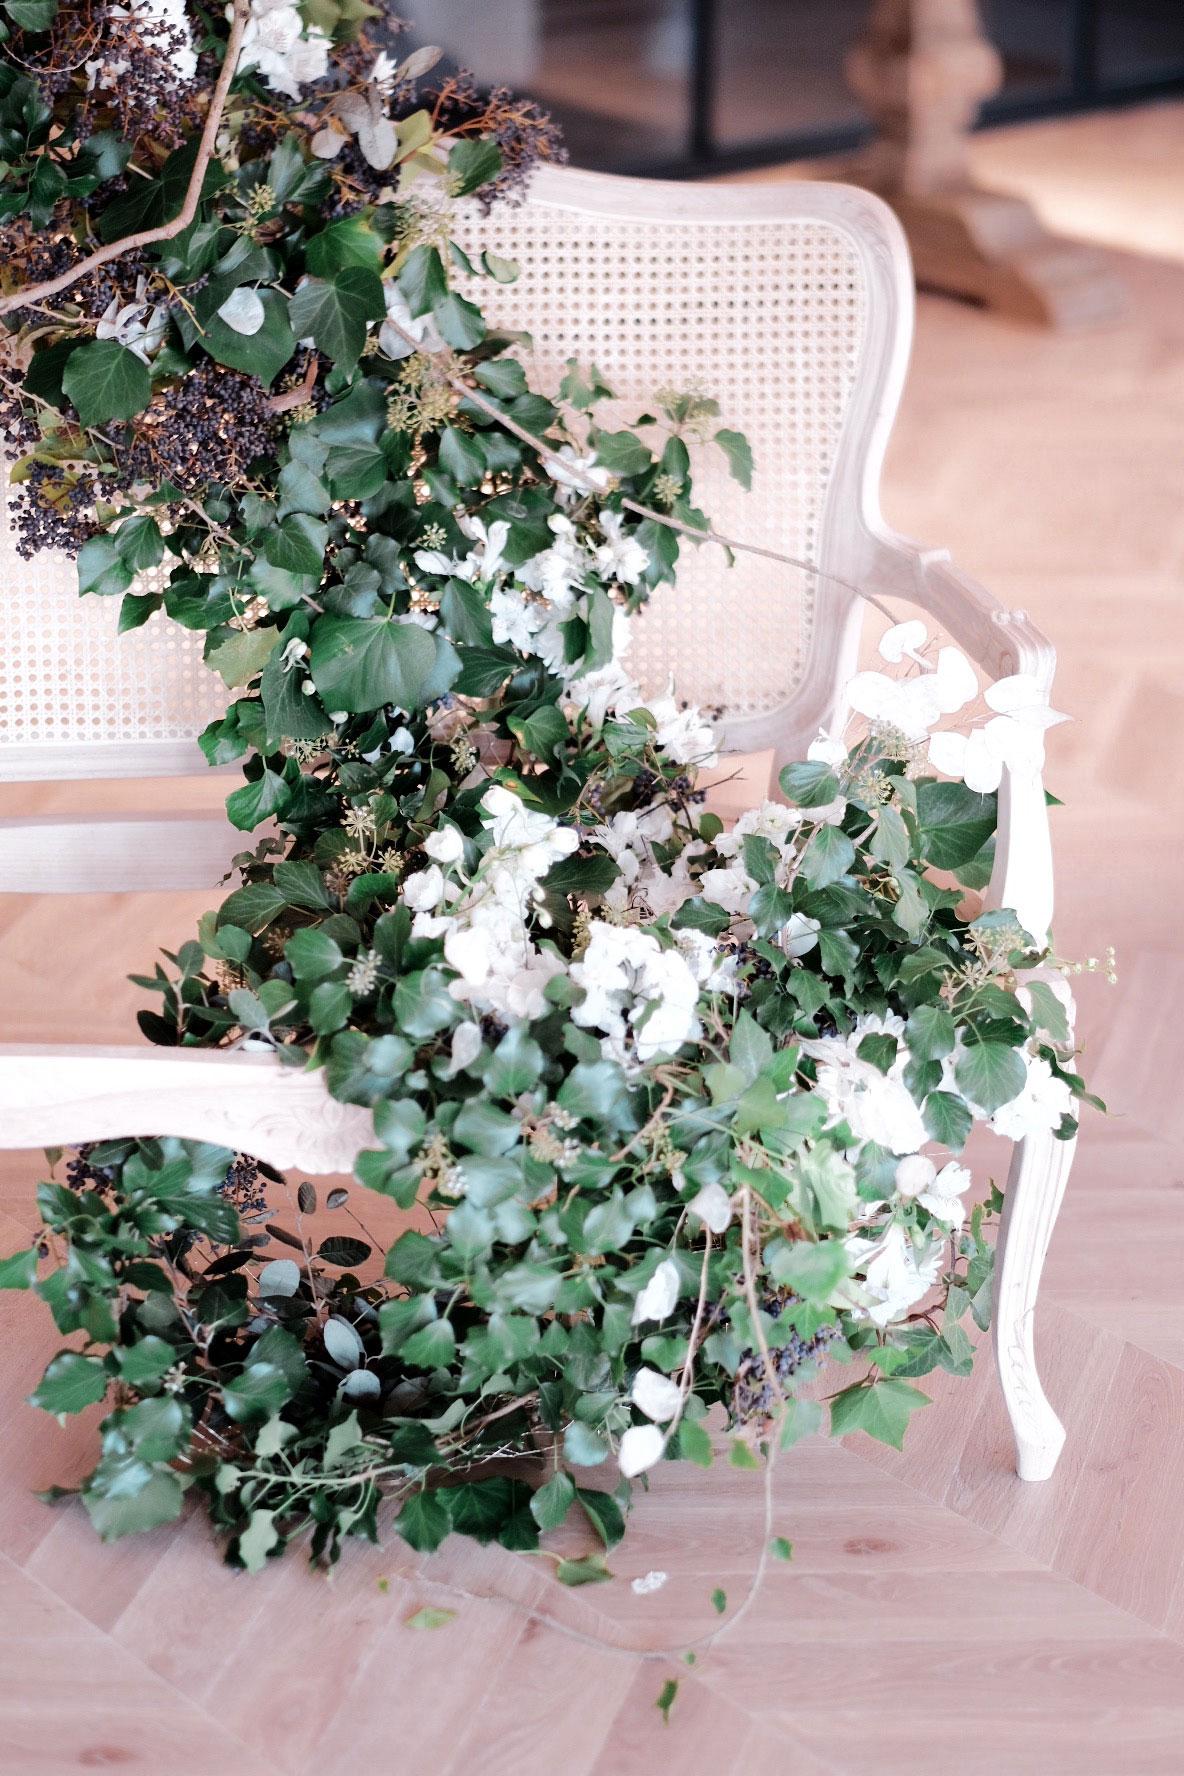 Arbolande-flores-instalacion-floral-AquedutoEventos-bienvenida-escaparate